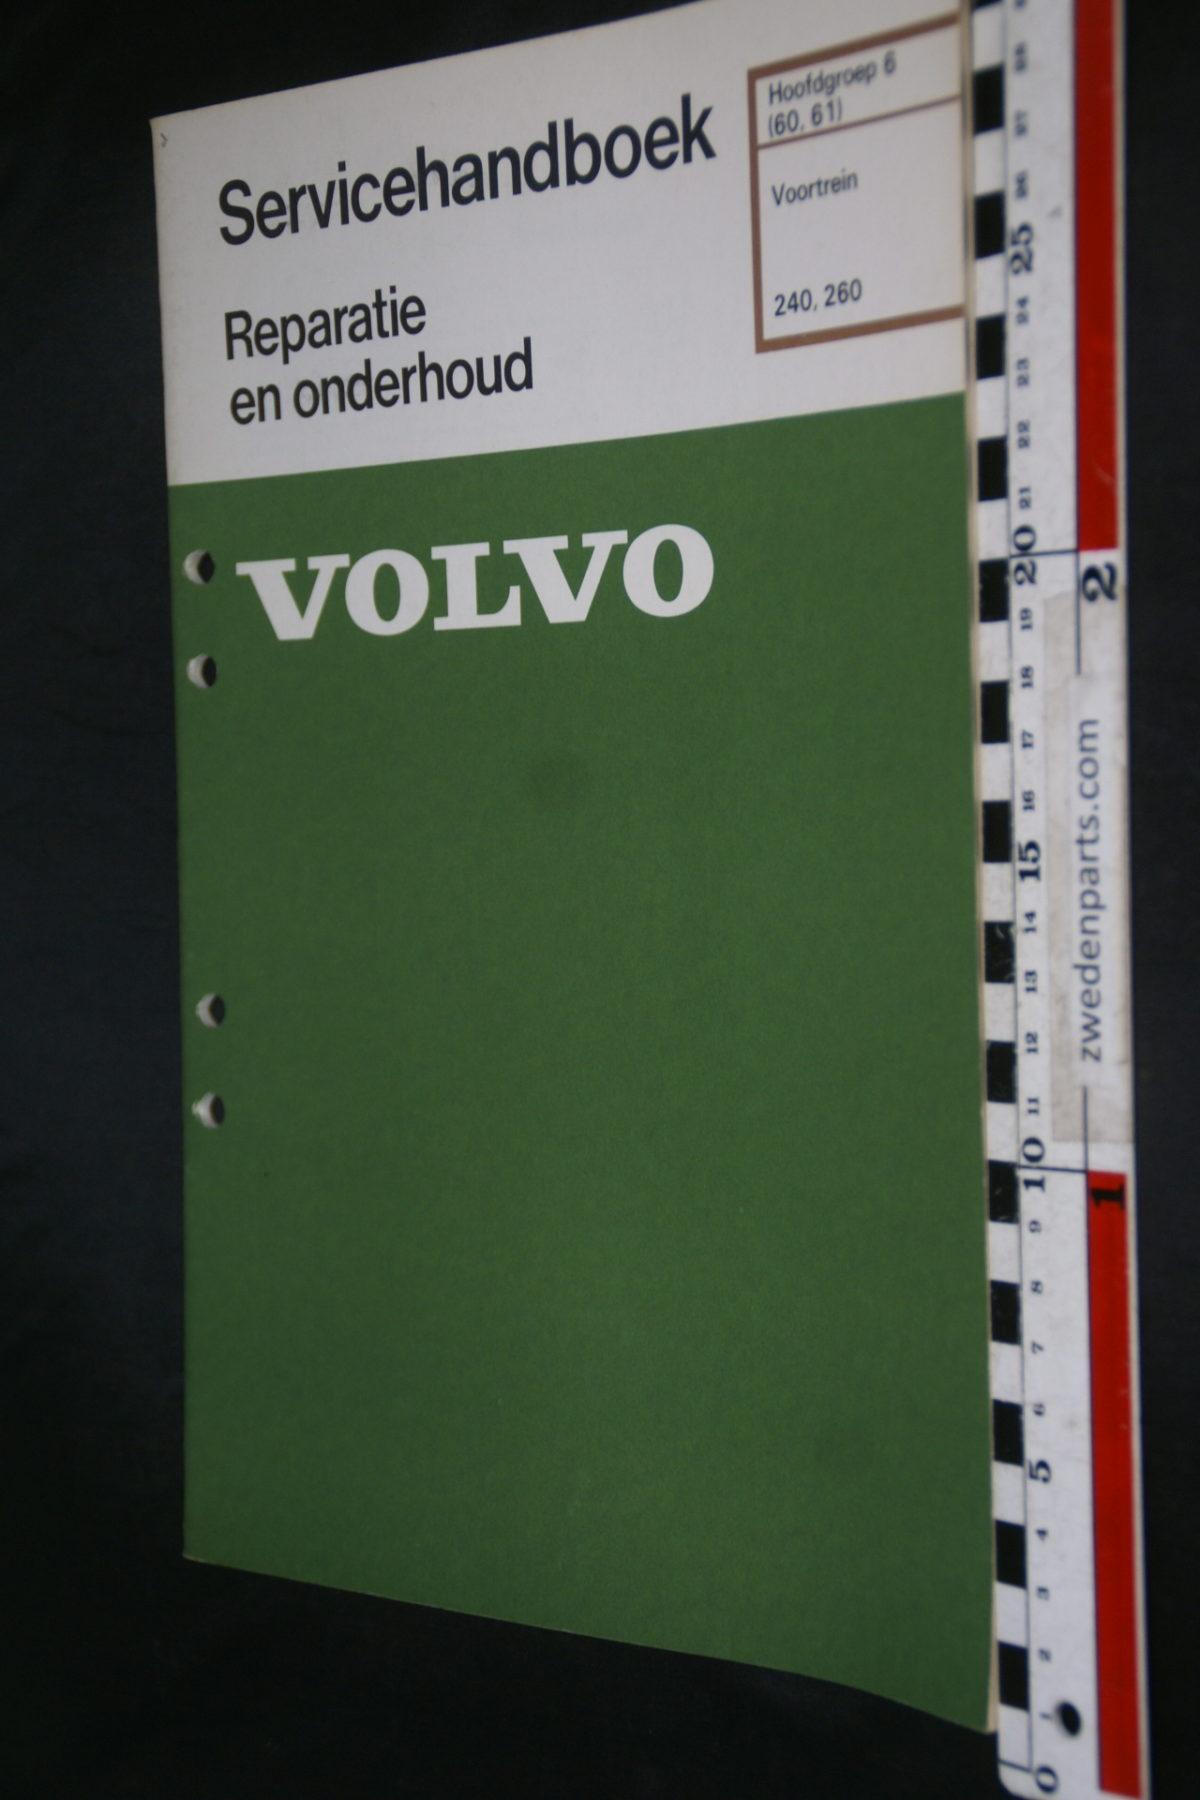 DSC08630 1979 origineel Volvo 240, 260 servicehandboek  6 (60,61) voortrein 1 van 800 TP 12390-1